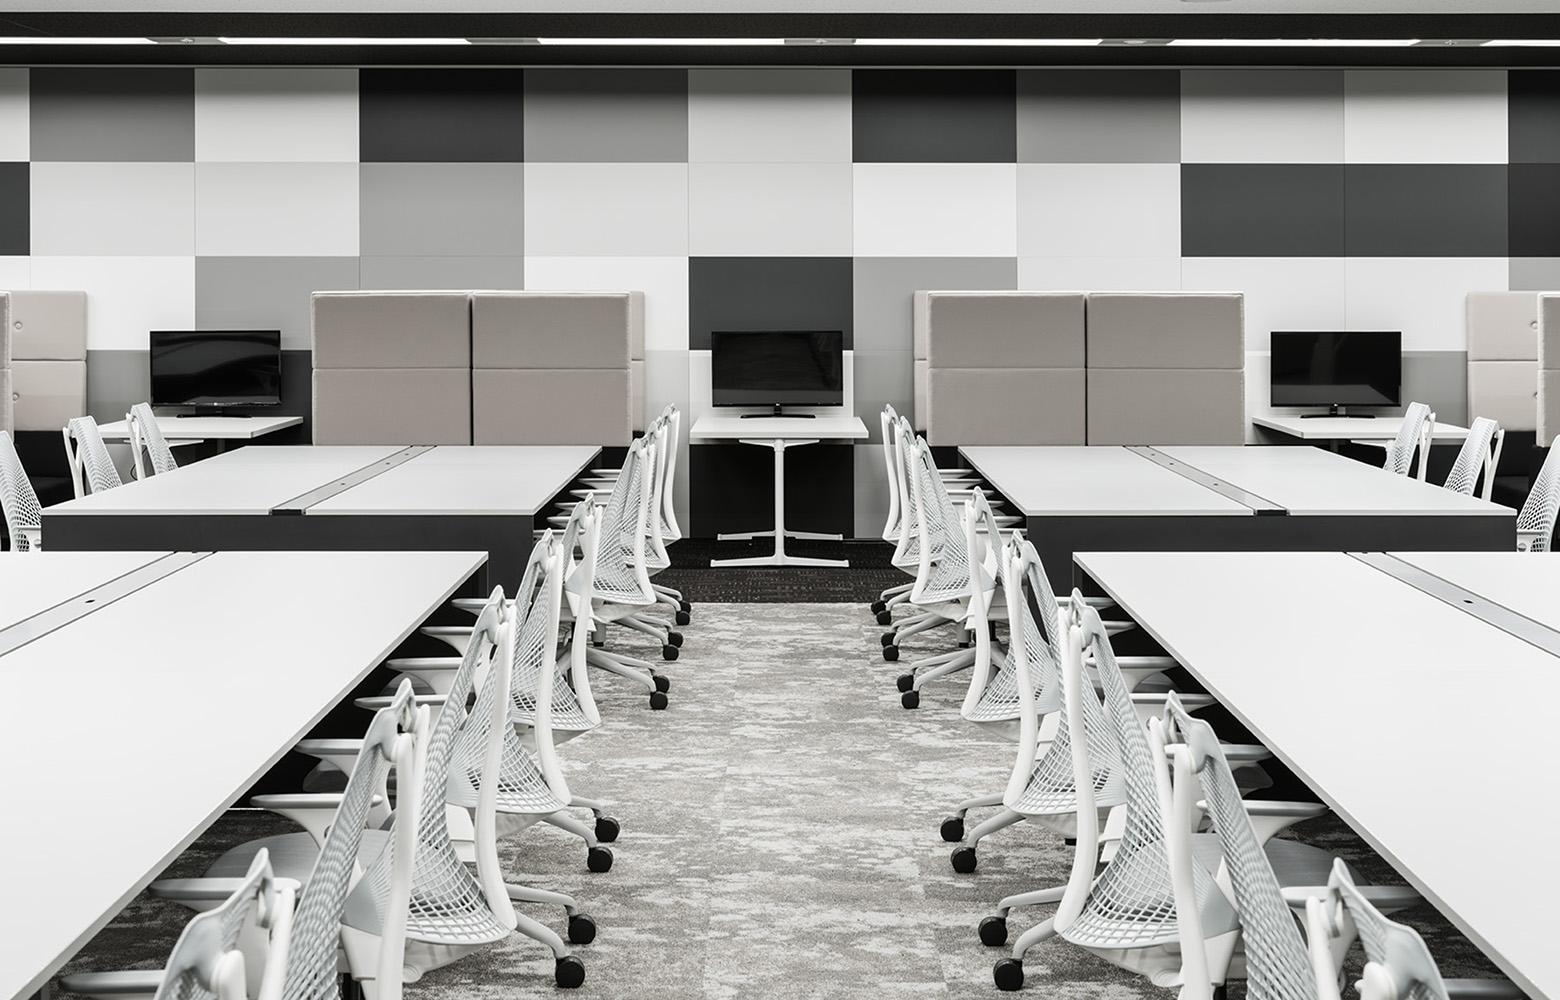 株式会社NTTデータMSE Shinagawa Office Work Space_2 デザイン・レイアウト事例